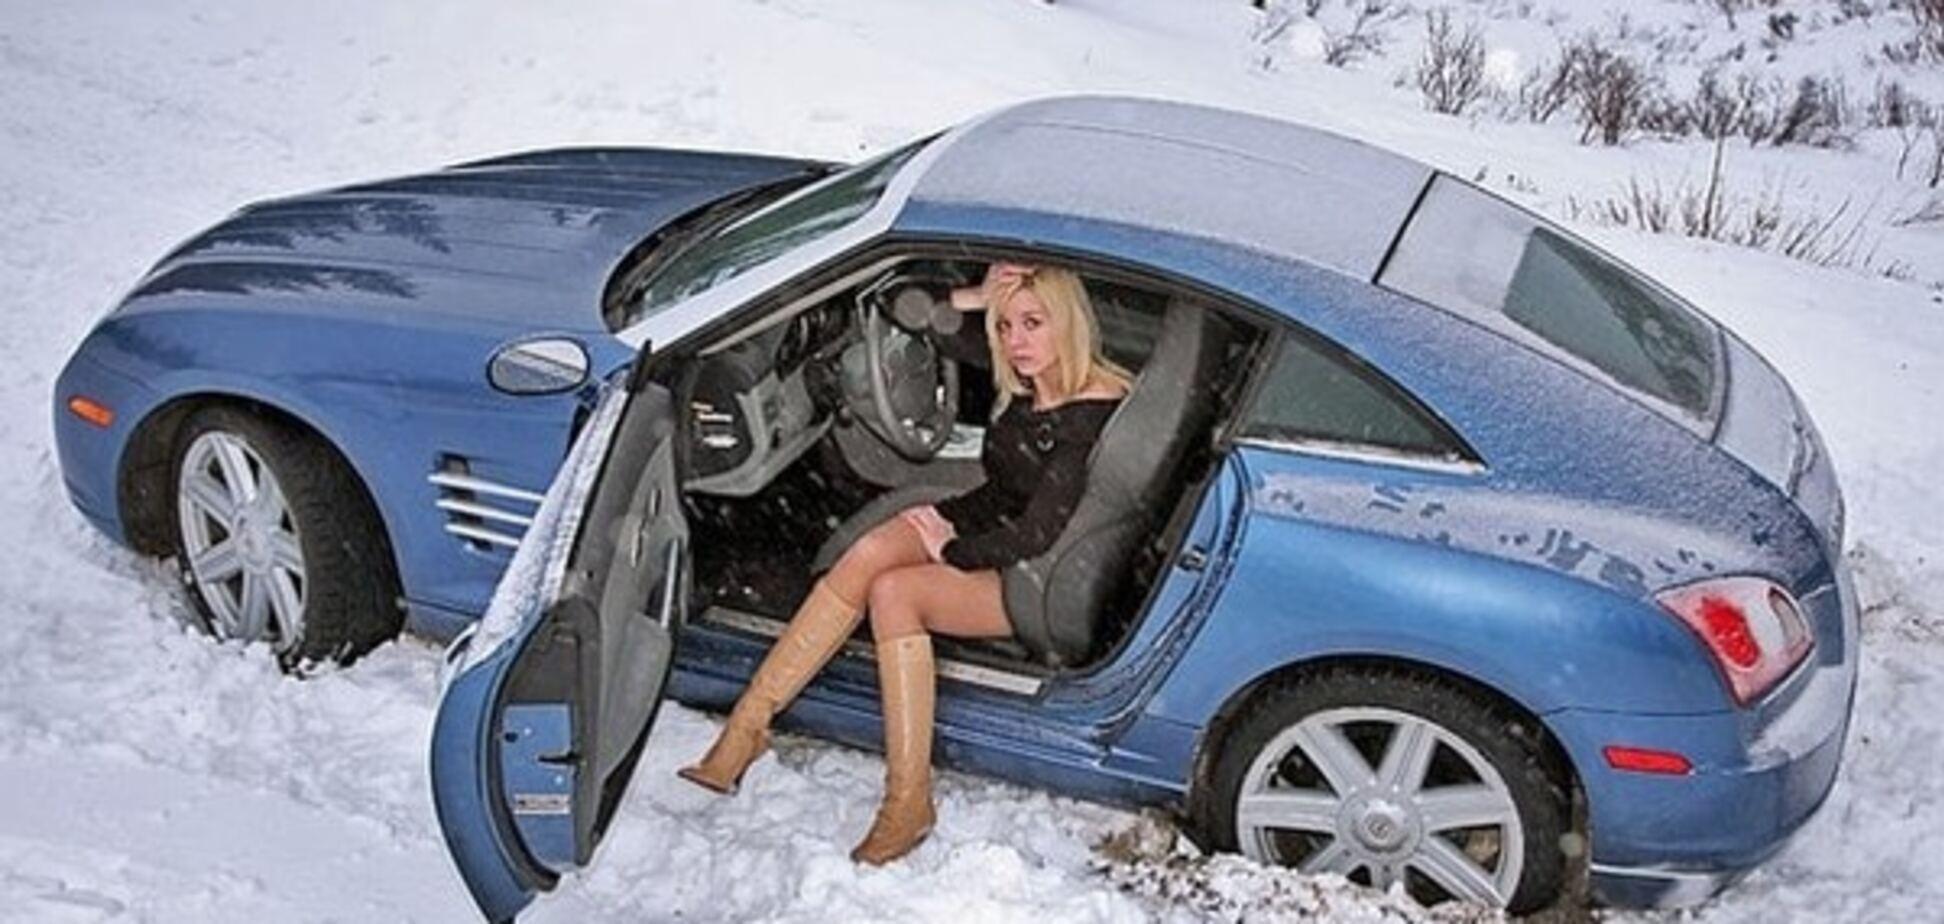 Почему прогревать автомобиль зимой бессмысленно: советы водителям